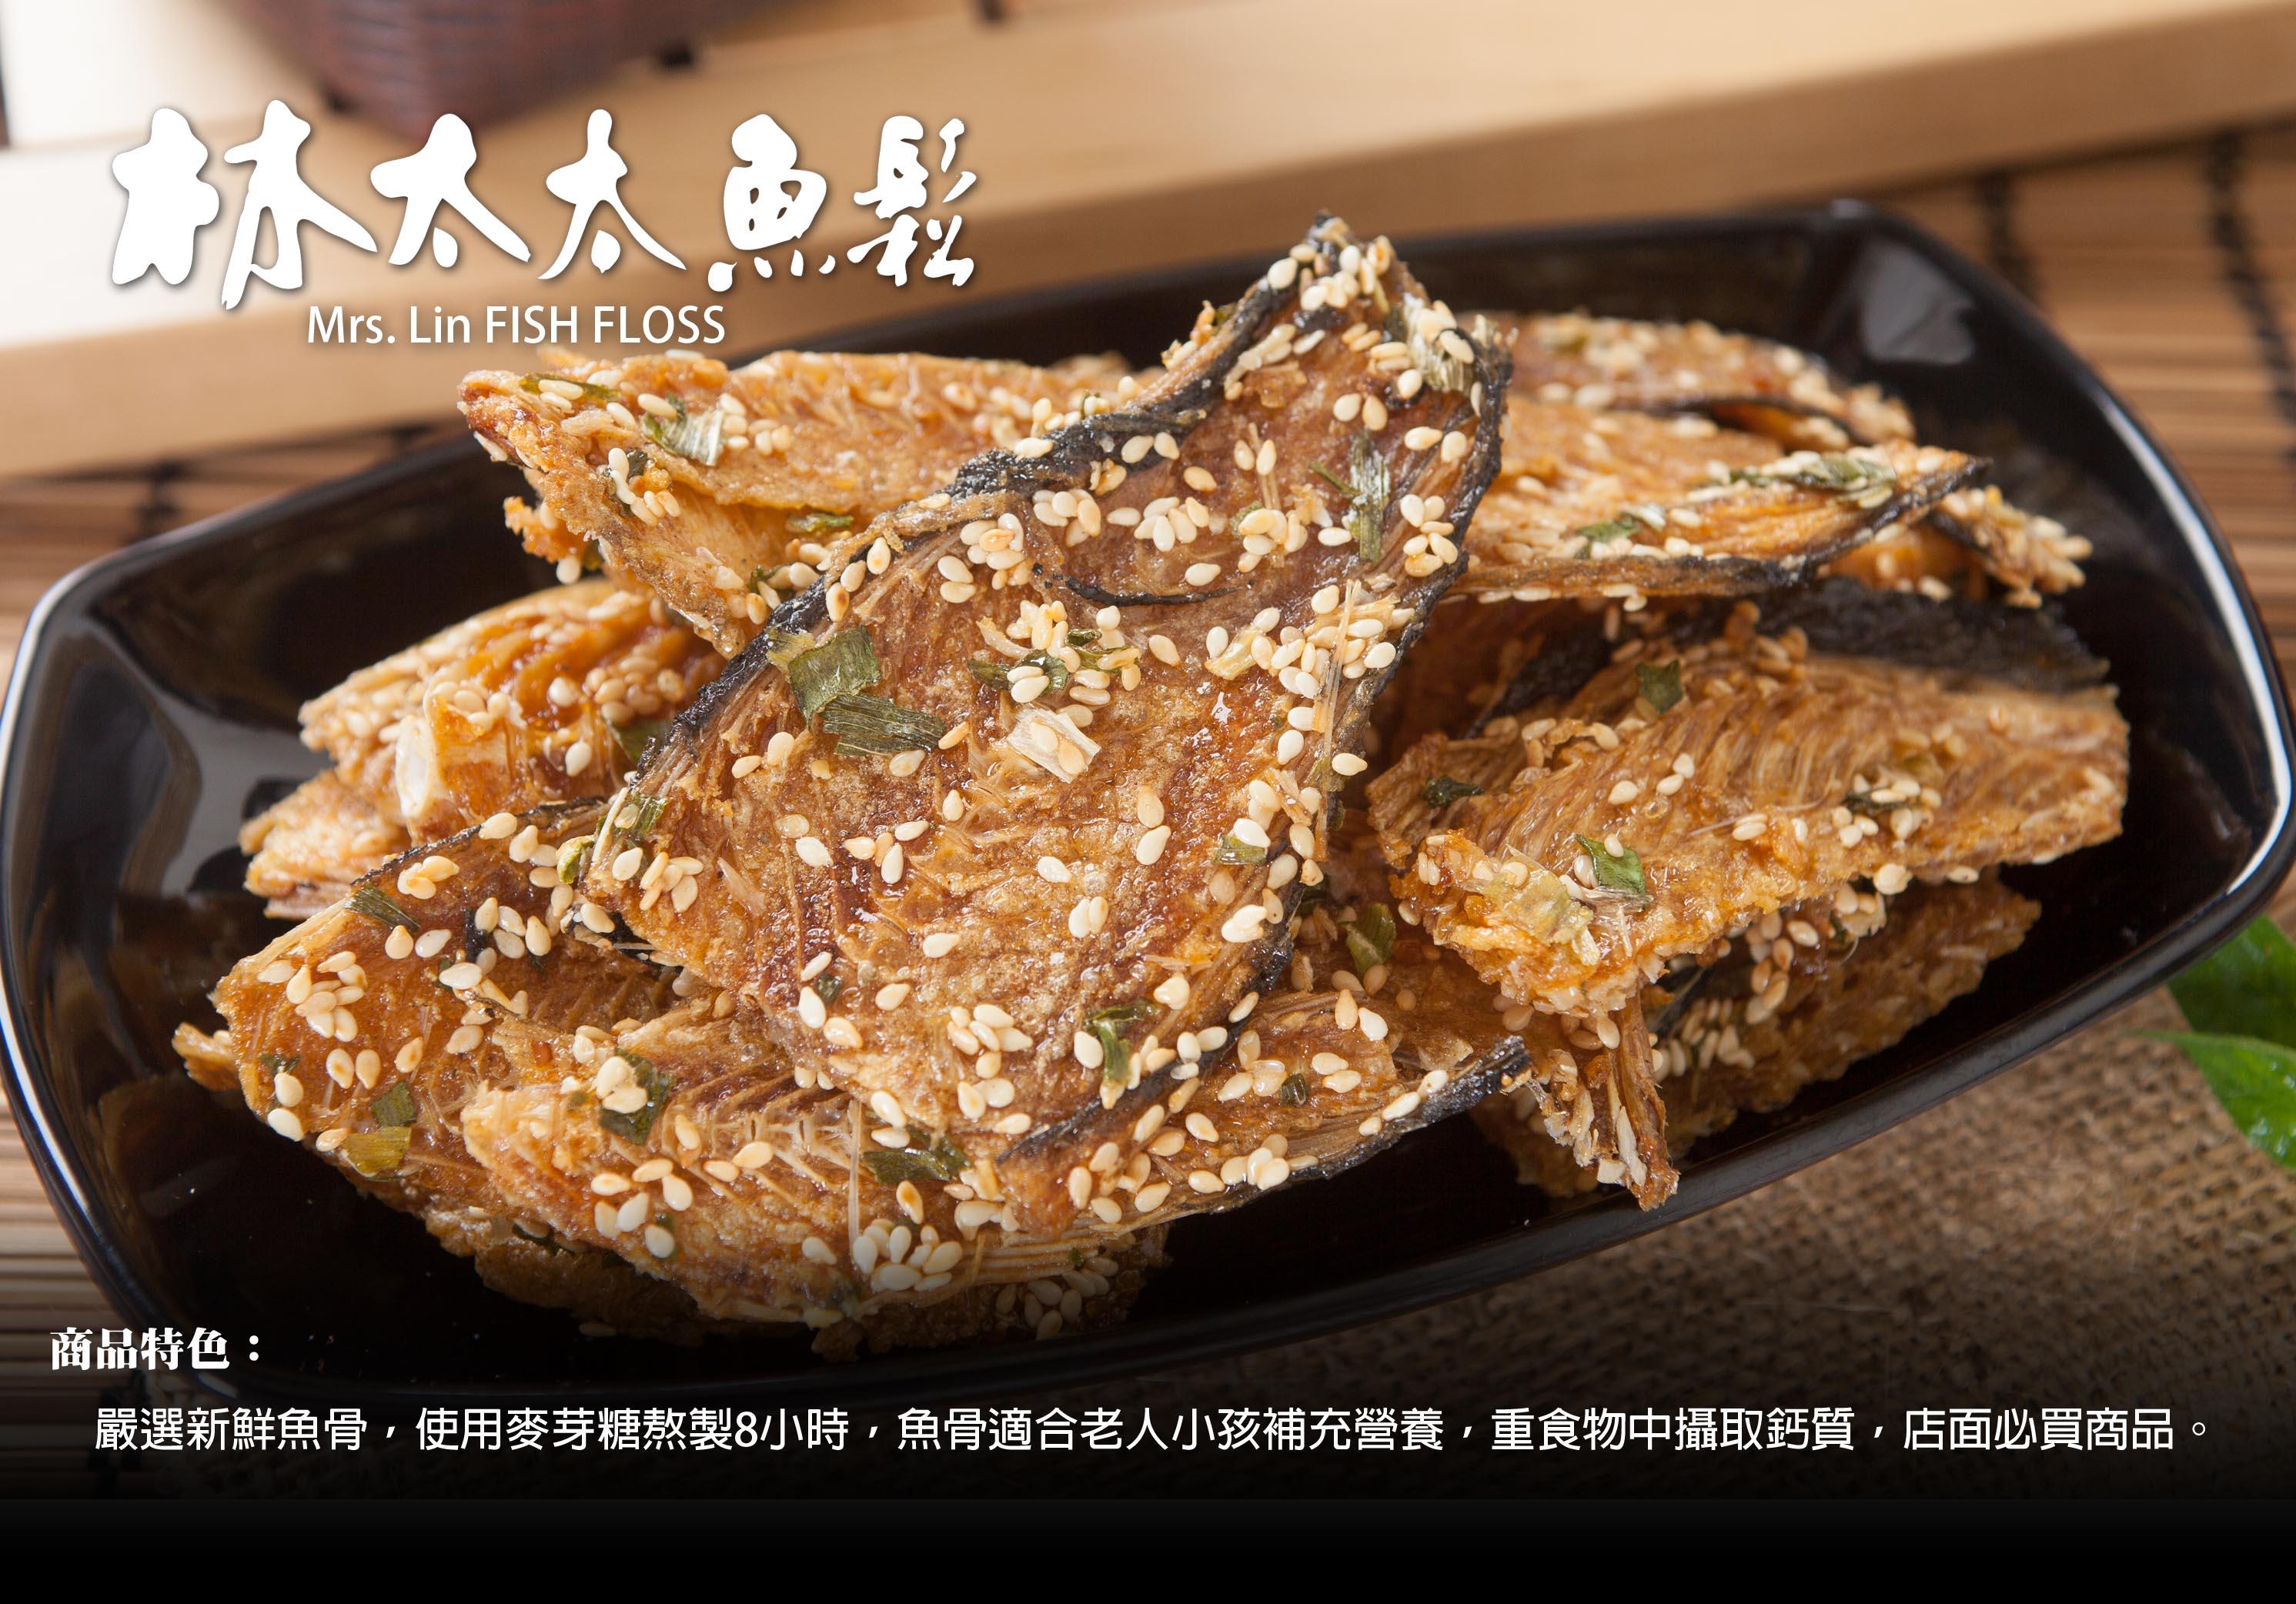 魚骨 260g 林太太魚鬆專賣店